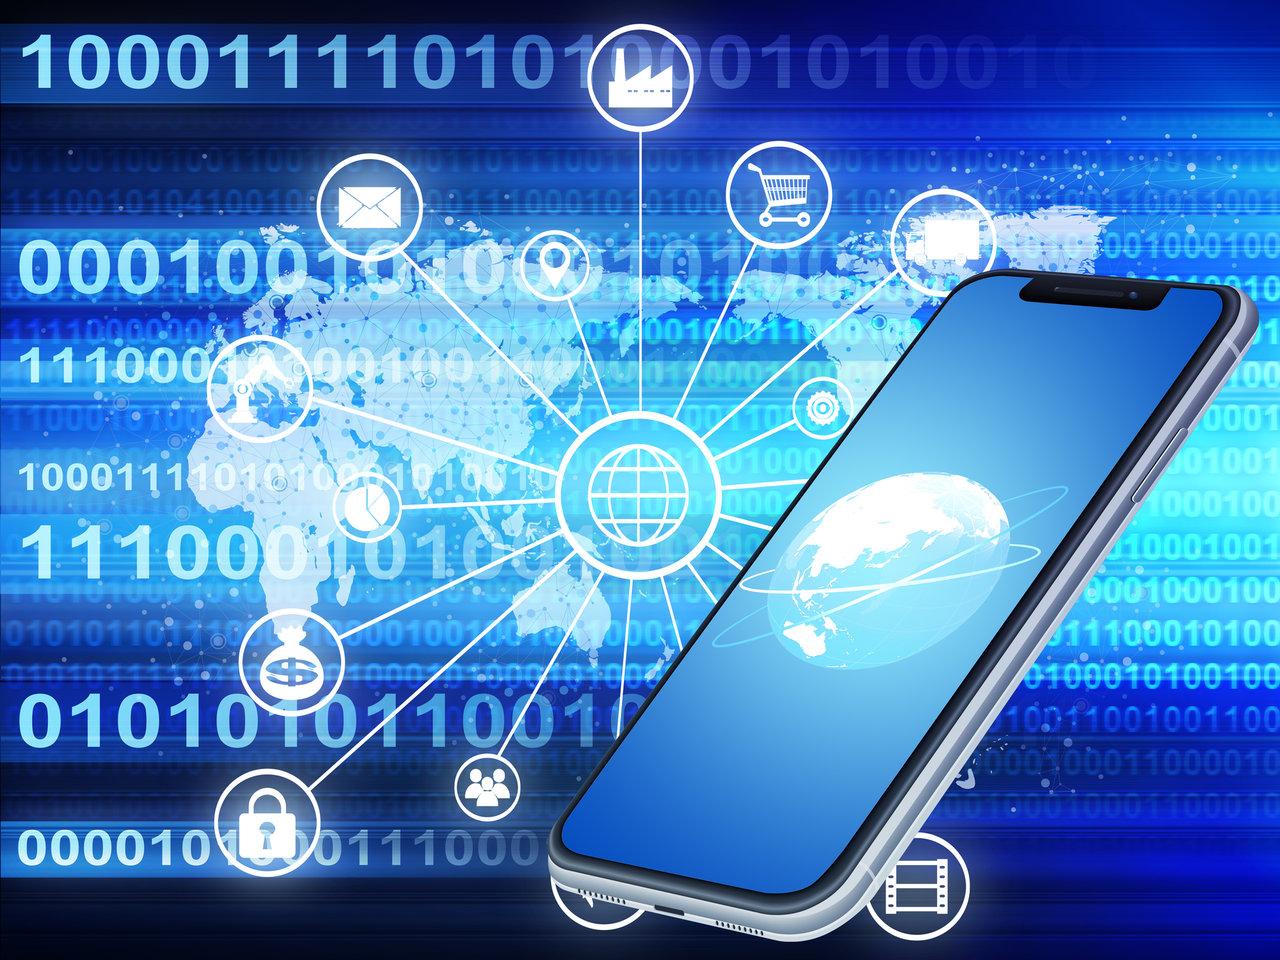 4Gと5Gの違いとは?第5世代移動通信システムの特徴をご紹介 - Digital ...